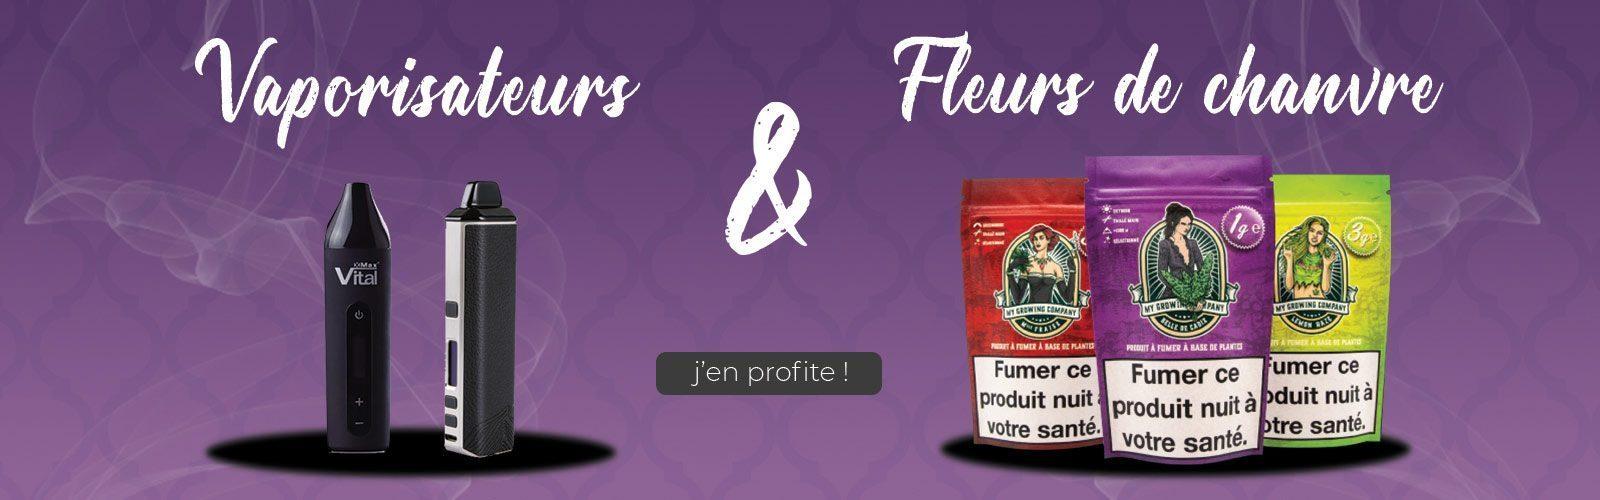 fleurs de cbd 100% légales et tpd ready my growing company France